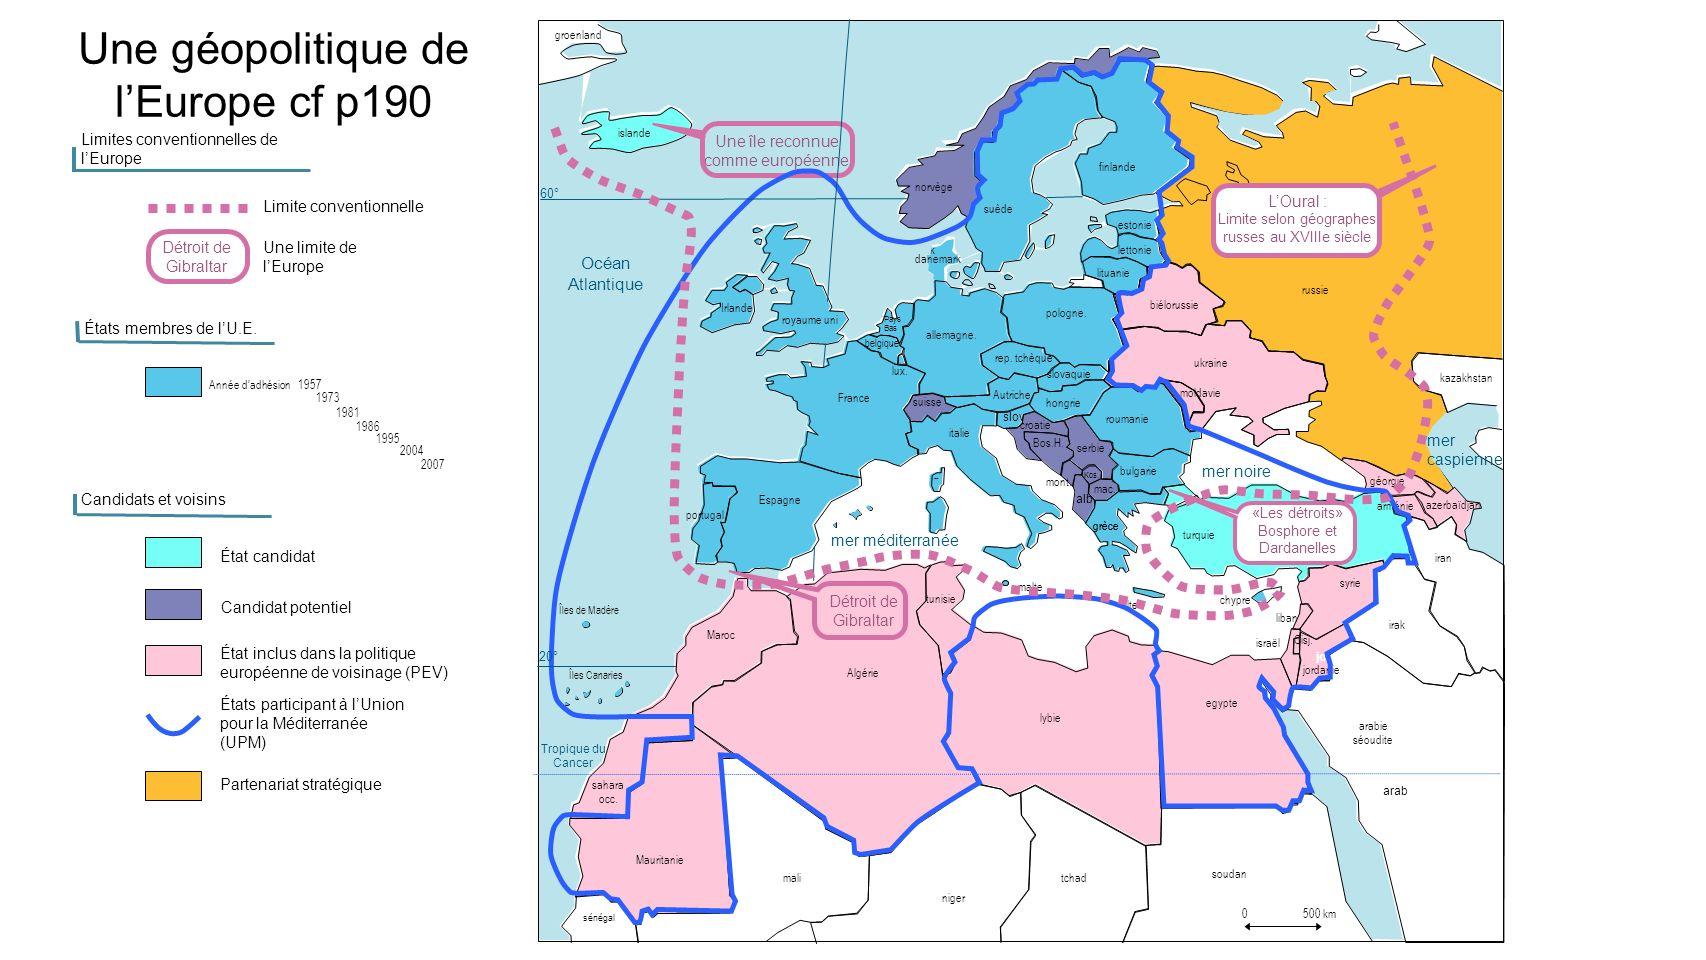 Une géopolitique de l'Europe cf p190